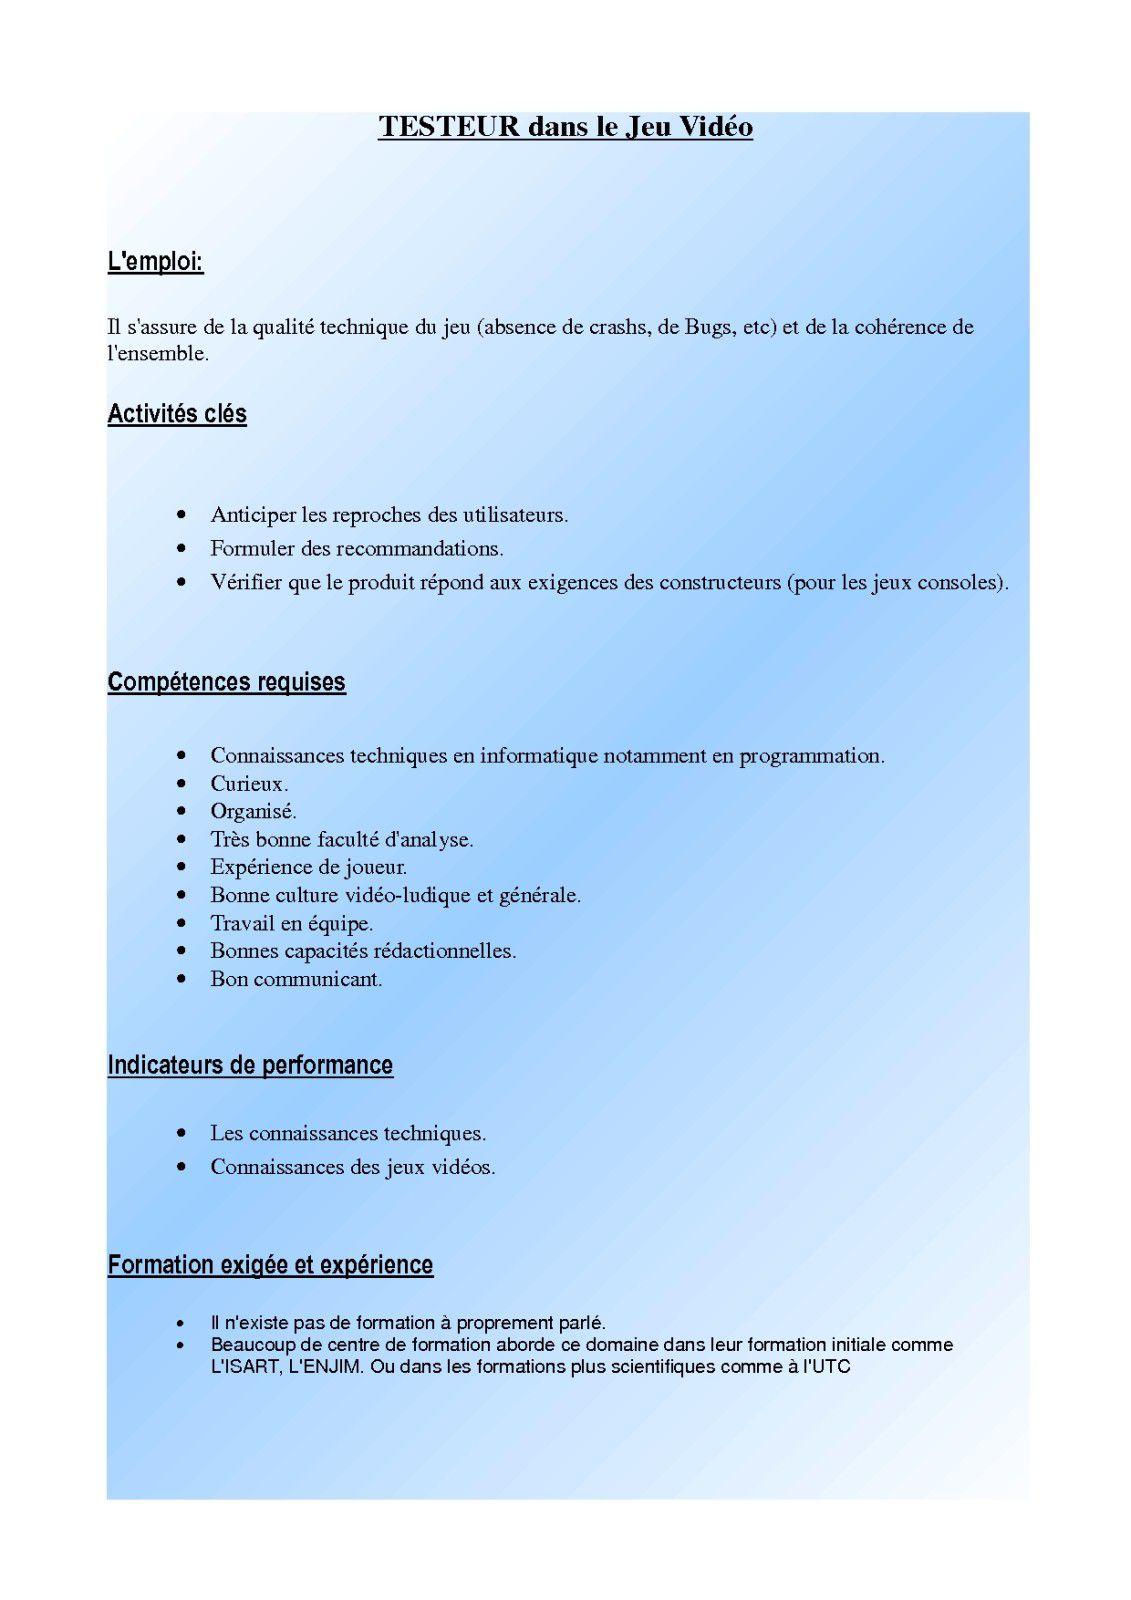 Fiche métier Testeur JV pour Blog-copie-1